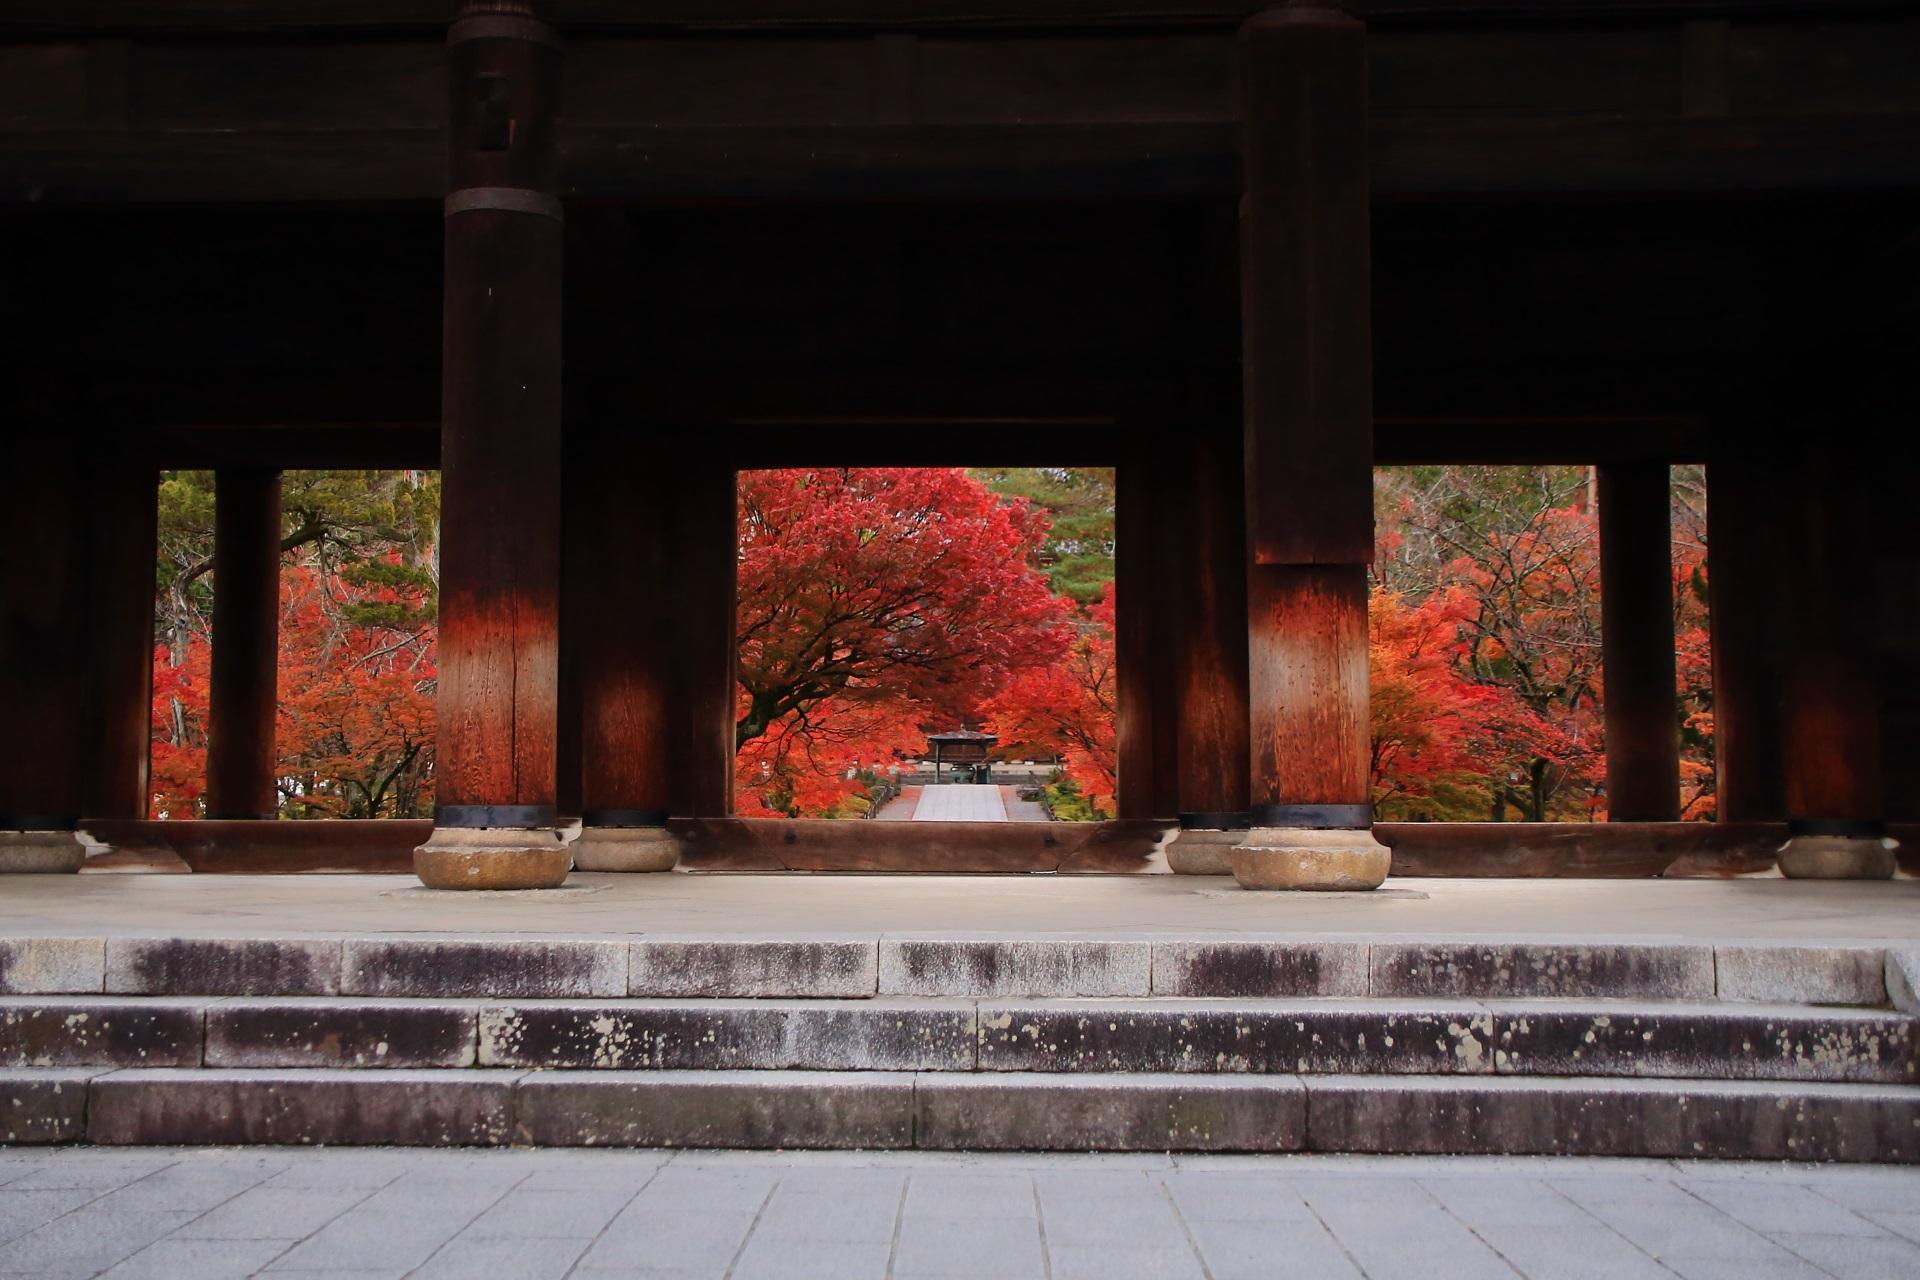 三門の下から見える参道と溢れる鮮やかな紅葉